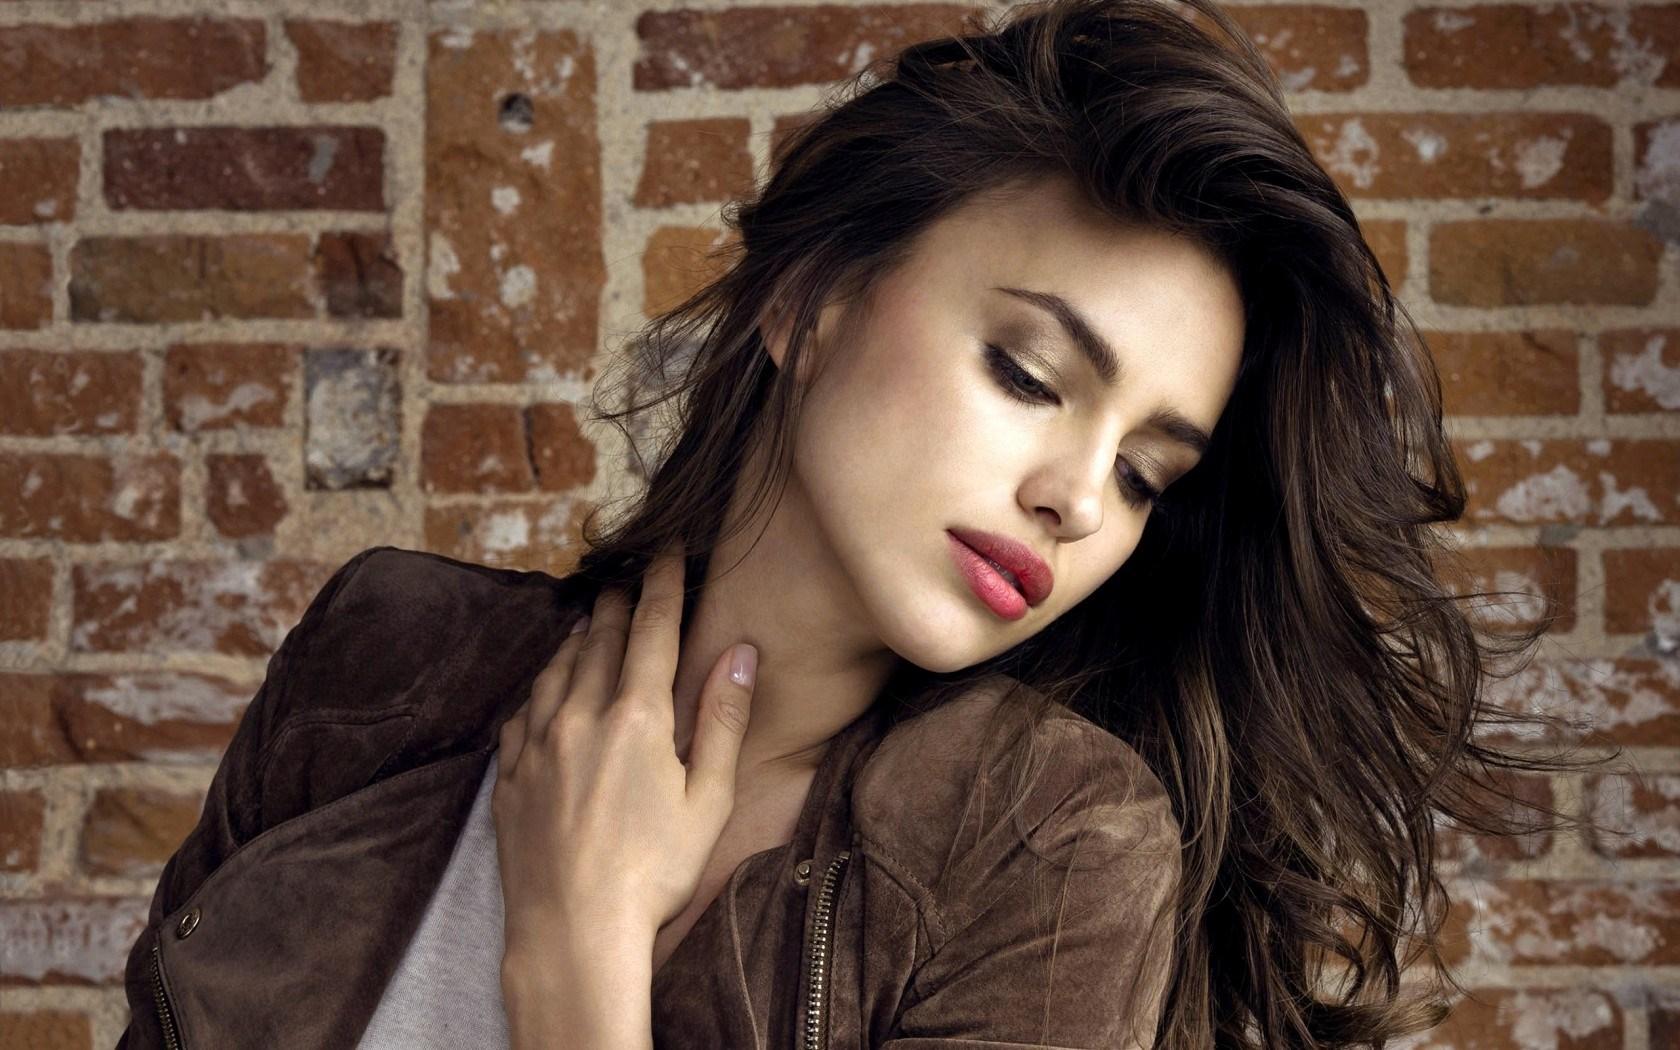 Irina Shayk Sheik Model Girl Fashion